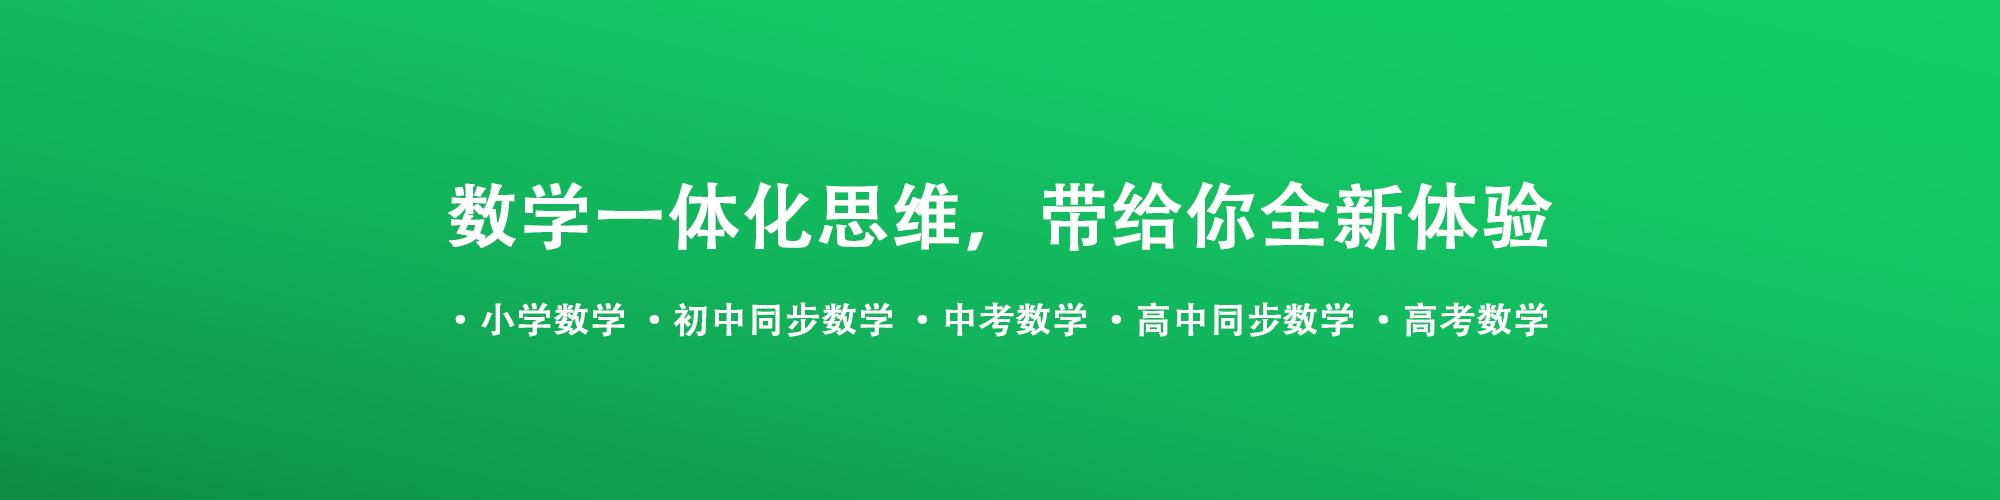 我们推荐大学四六级英语培训学校_大学四六级英语培训相关-北京拓程教育咨询有限公司